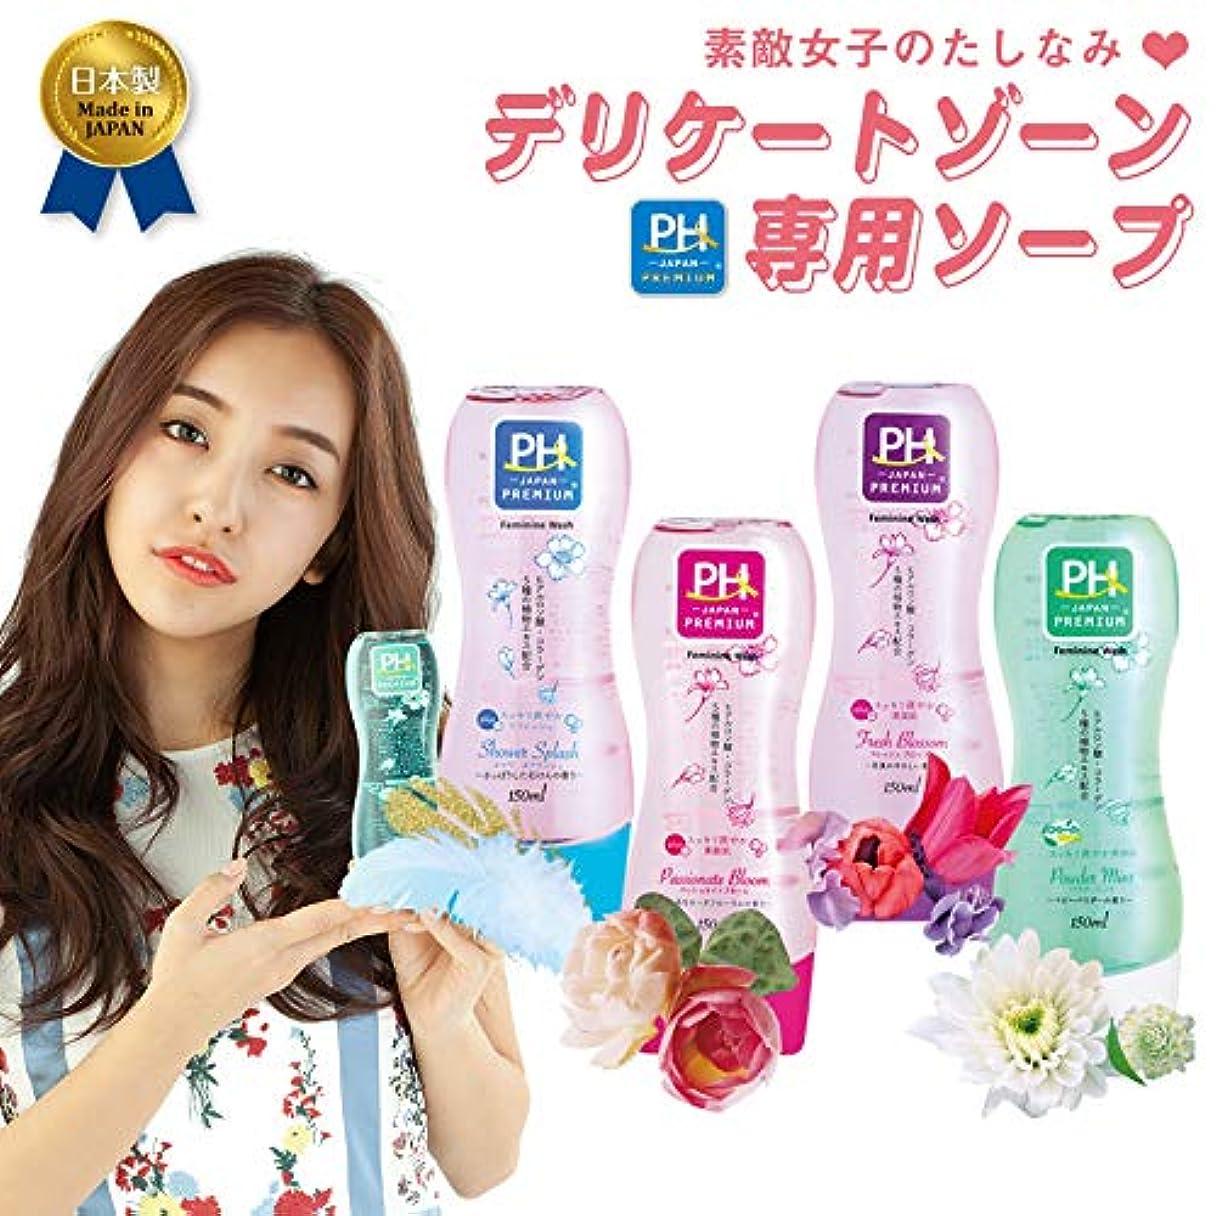 縁気づかない禁止するシャワースプラッシュ4本セット PH JAPAN フェミニンウォッシュ